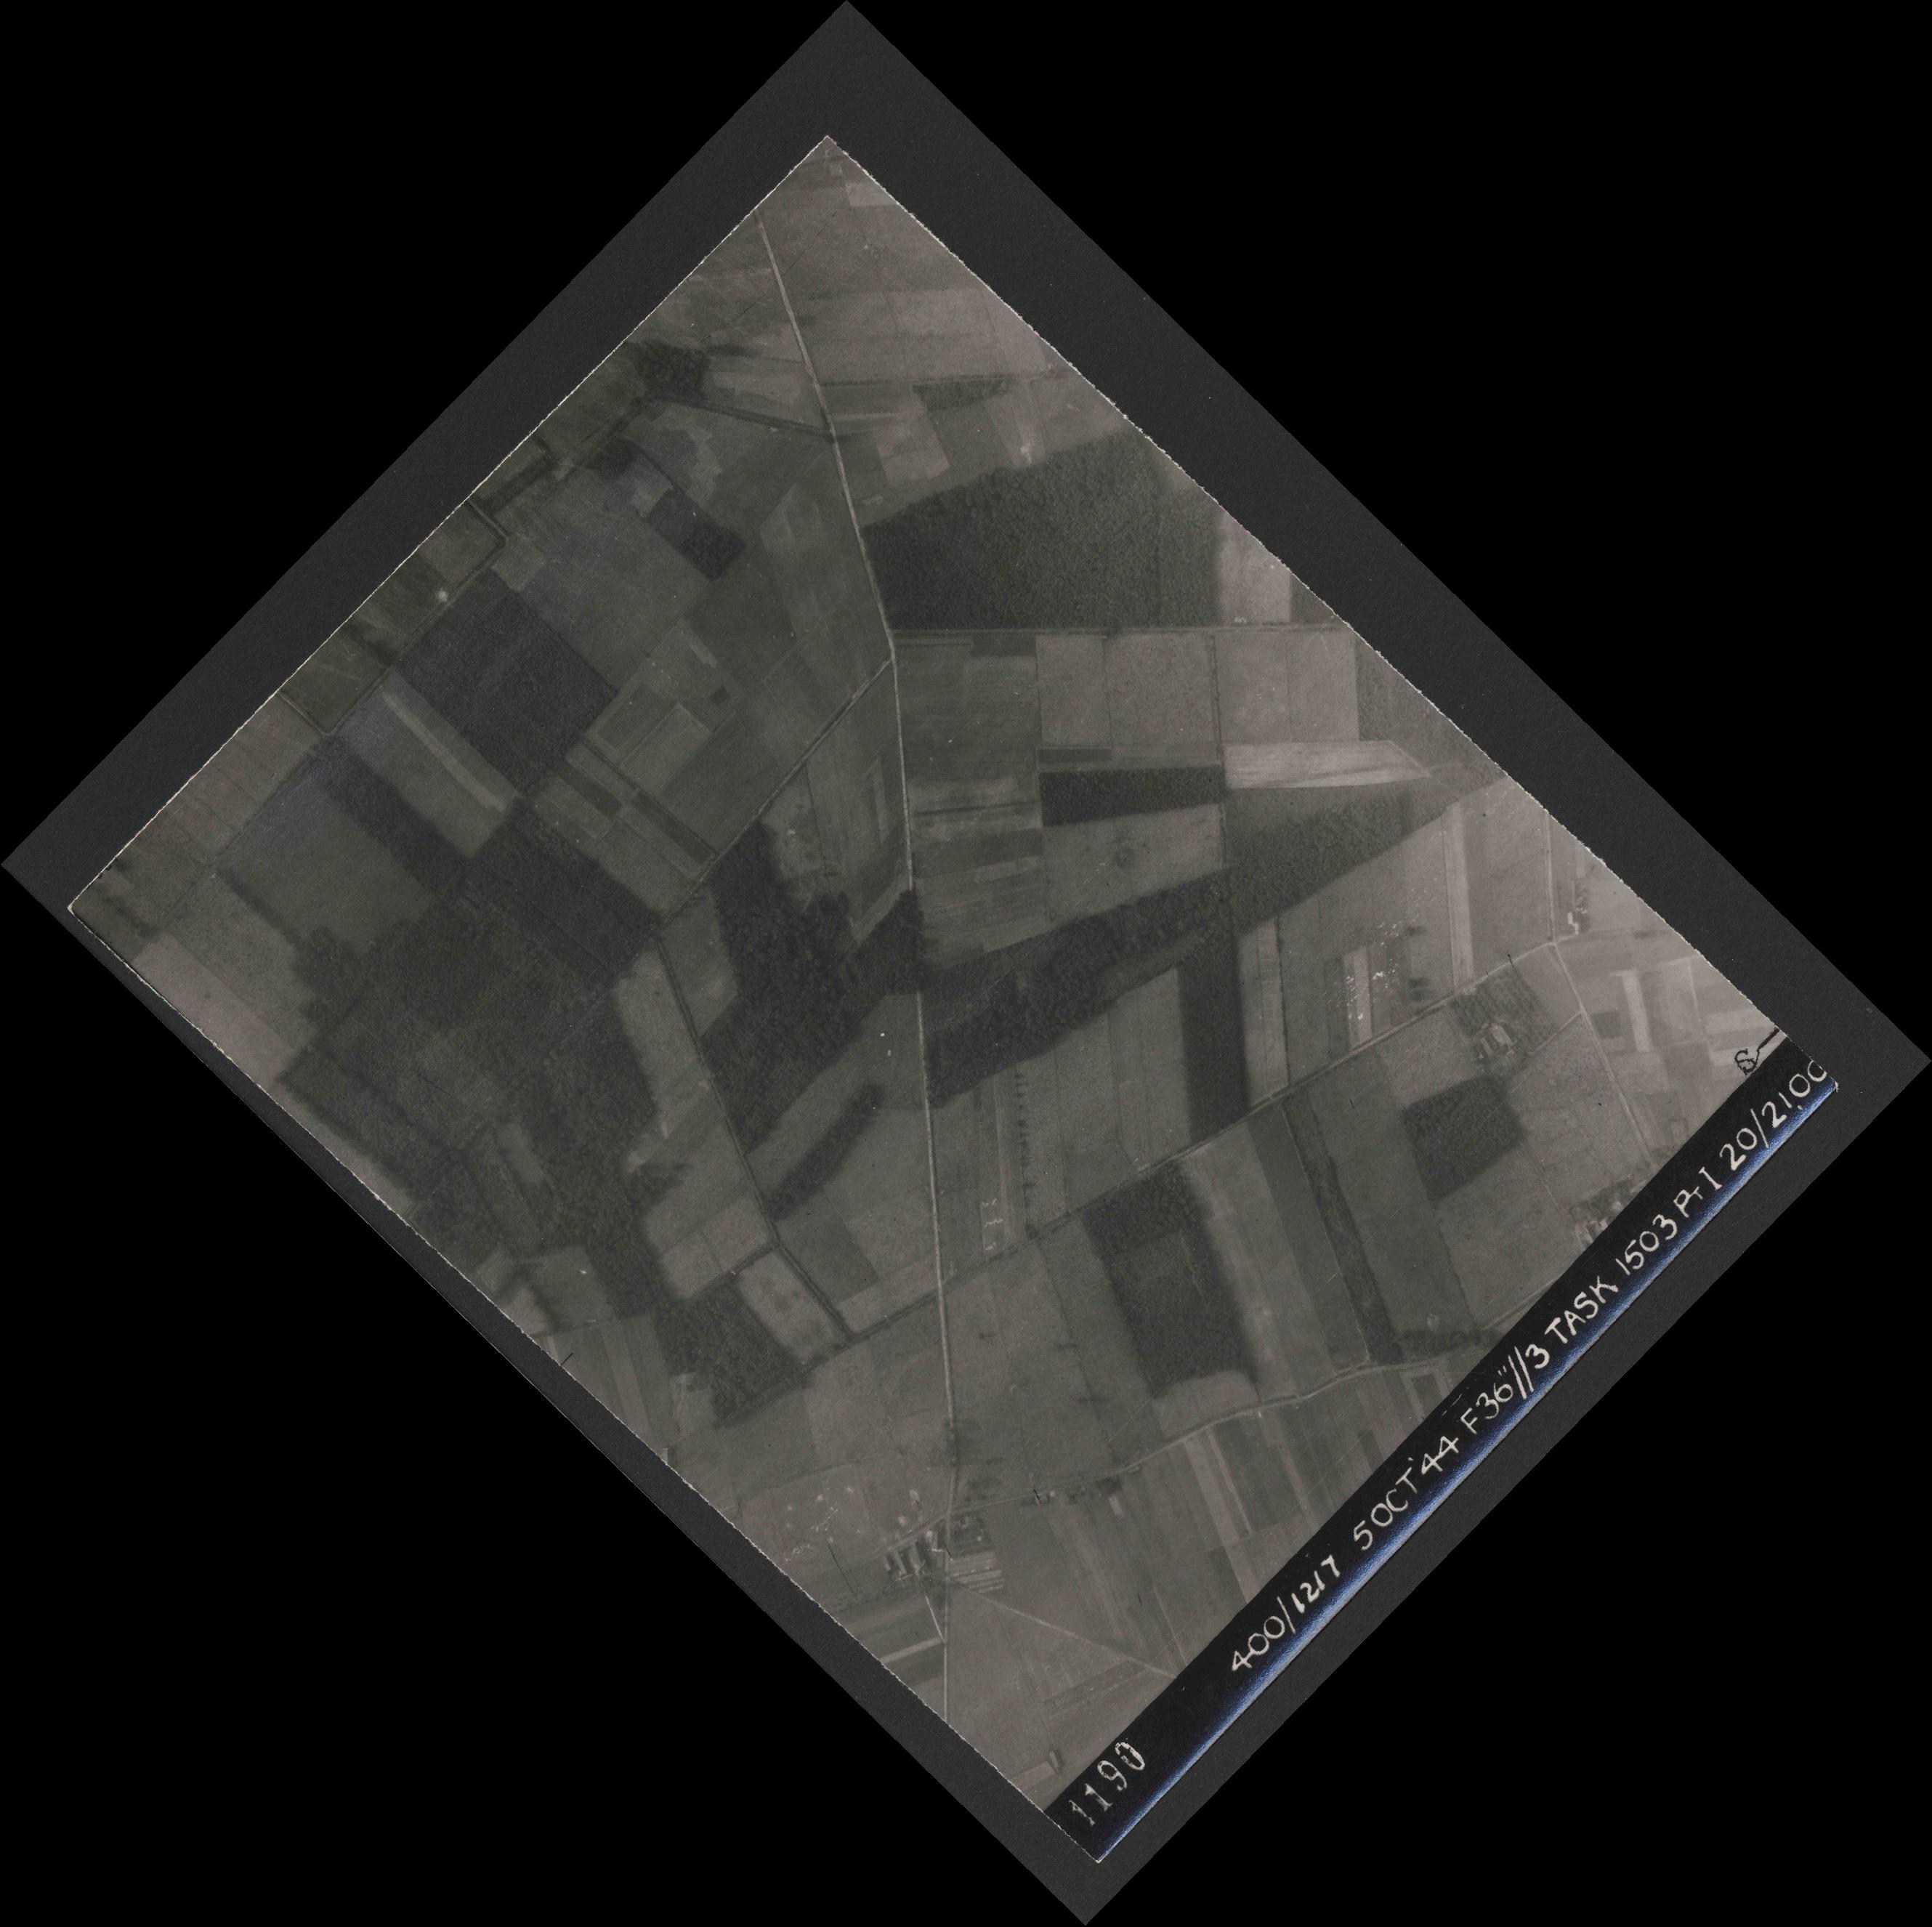 Collection RAF aerial photos 1940-1945 - flight 316, run 01, photo 4190